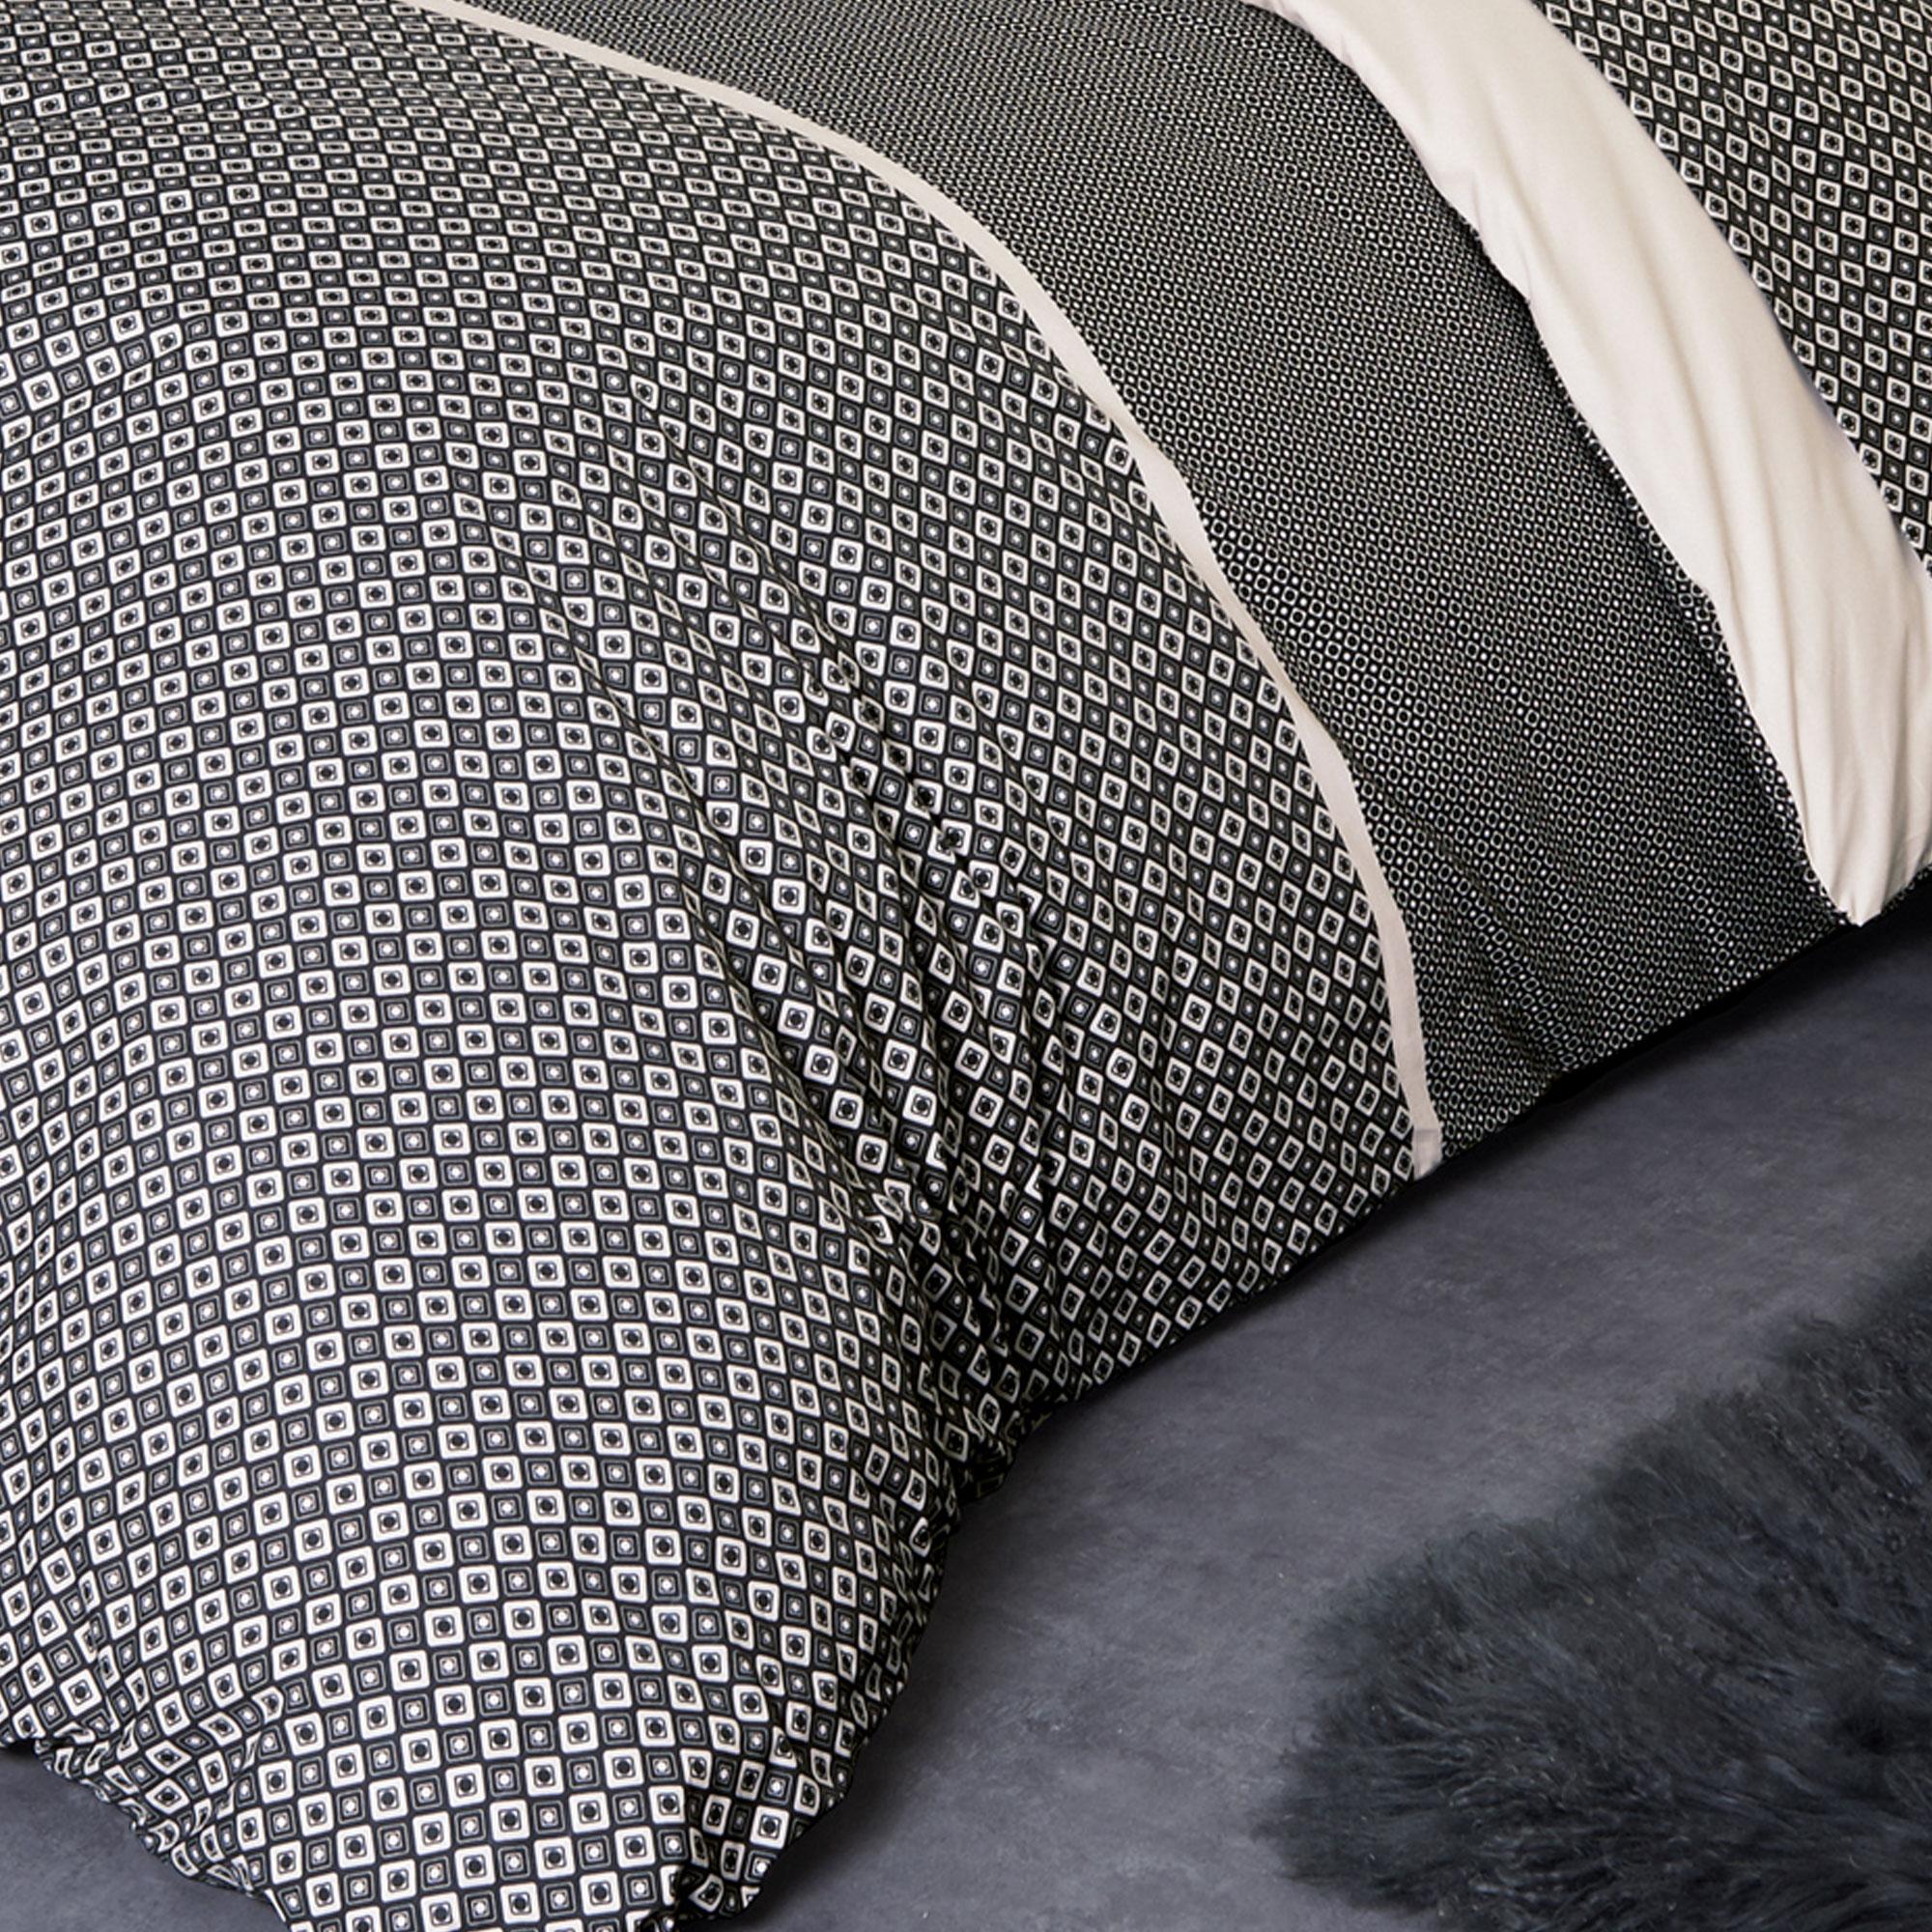 parure de lit percale pur coton peign 260x240 cm gatsby. Black Bedroom Furniture Sets. Home Design Ideas